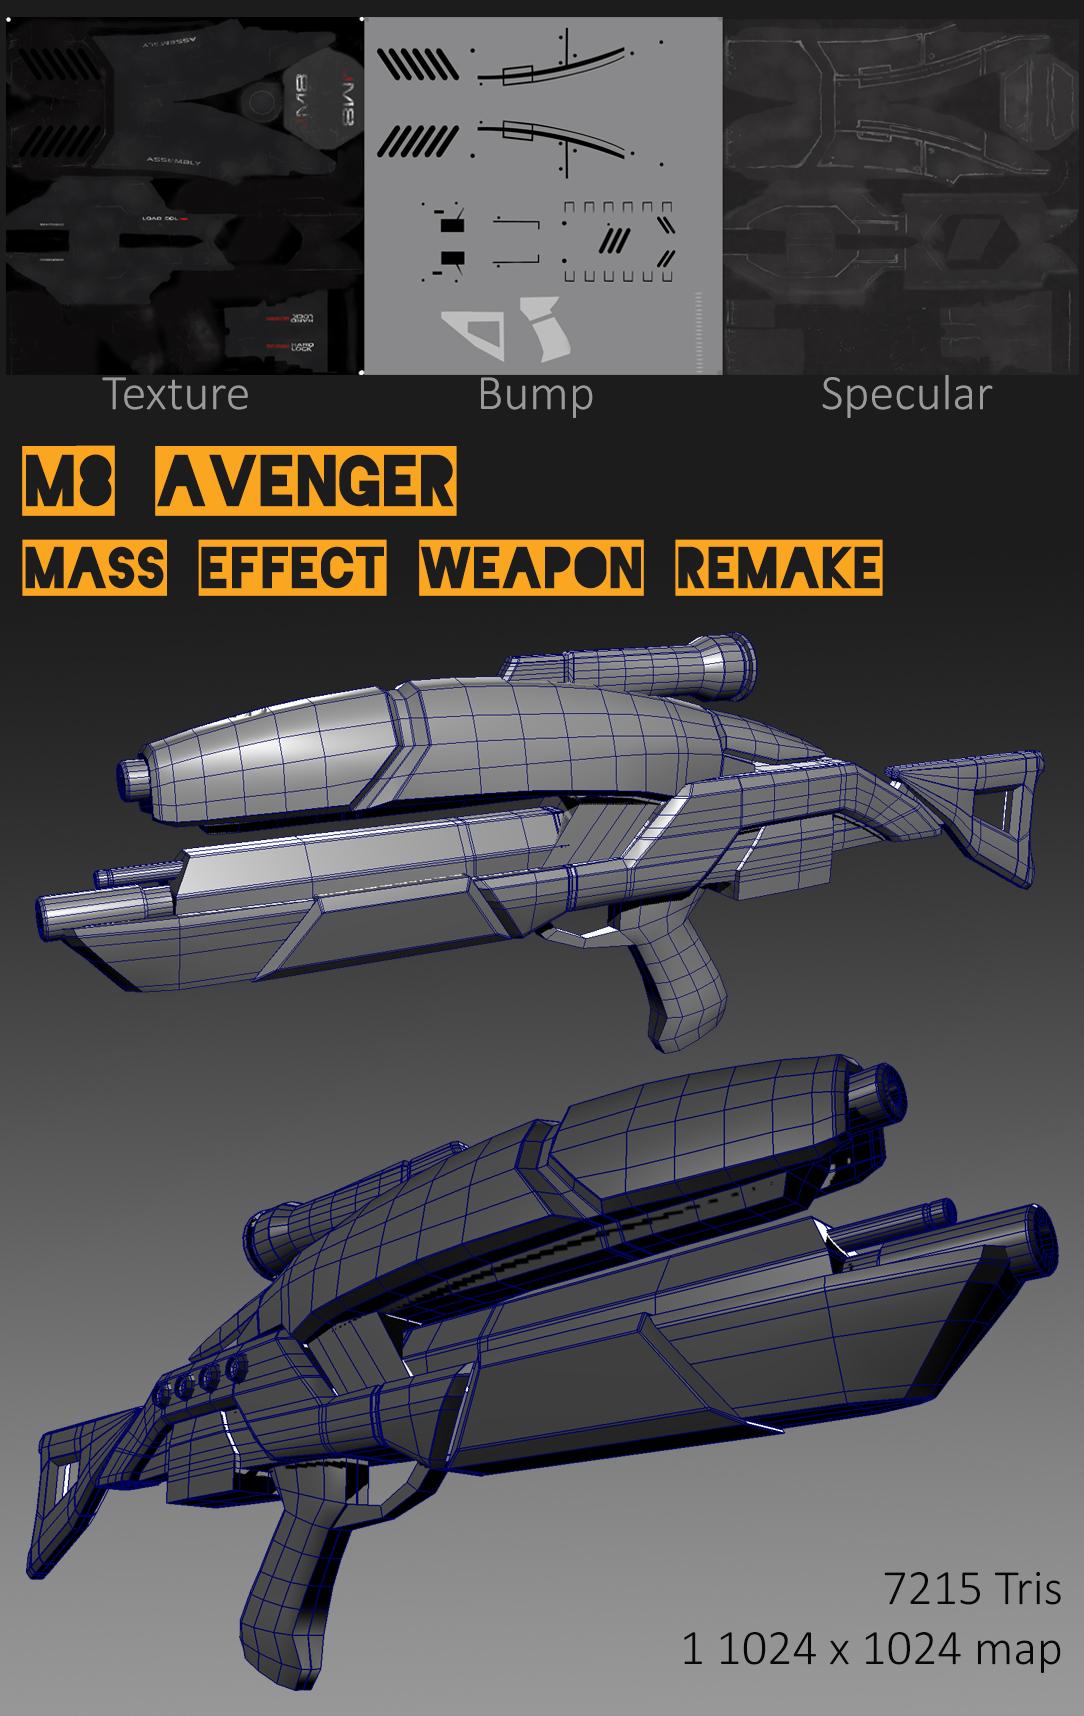 M8 Avenger details